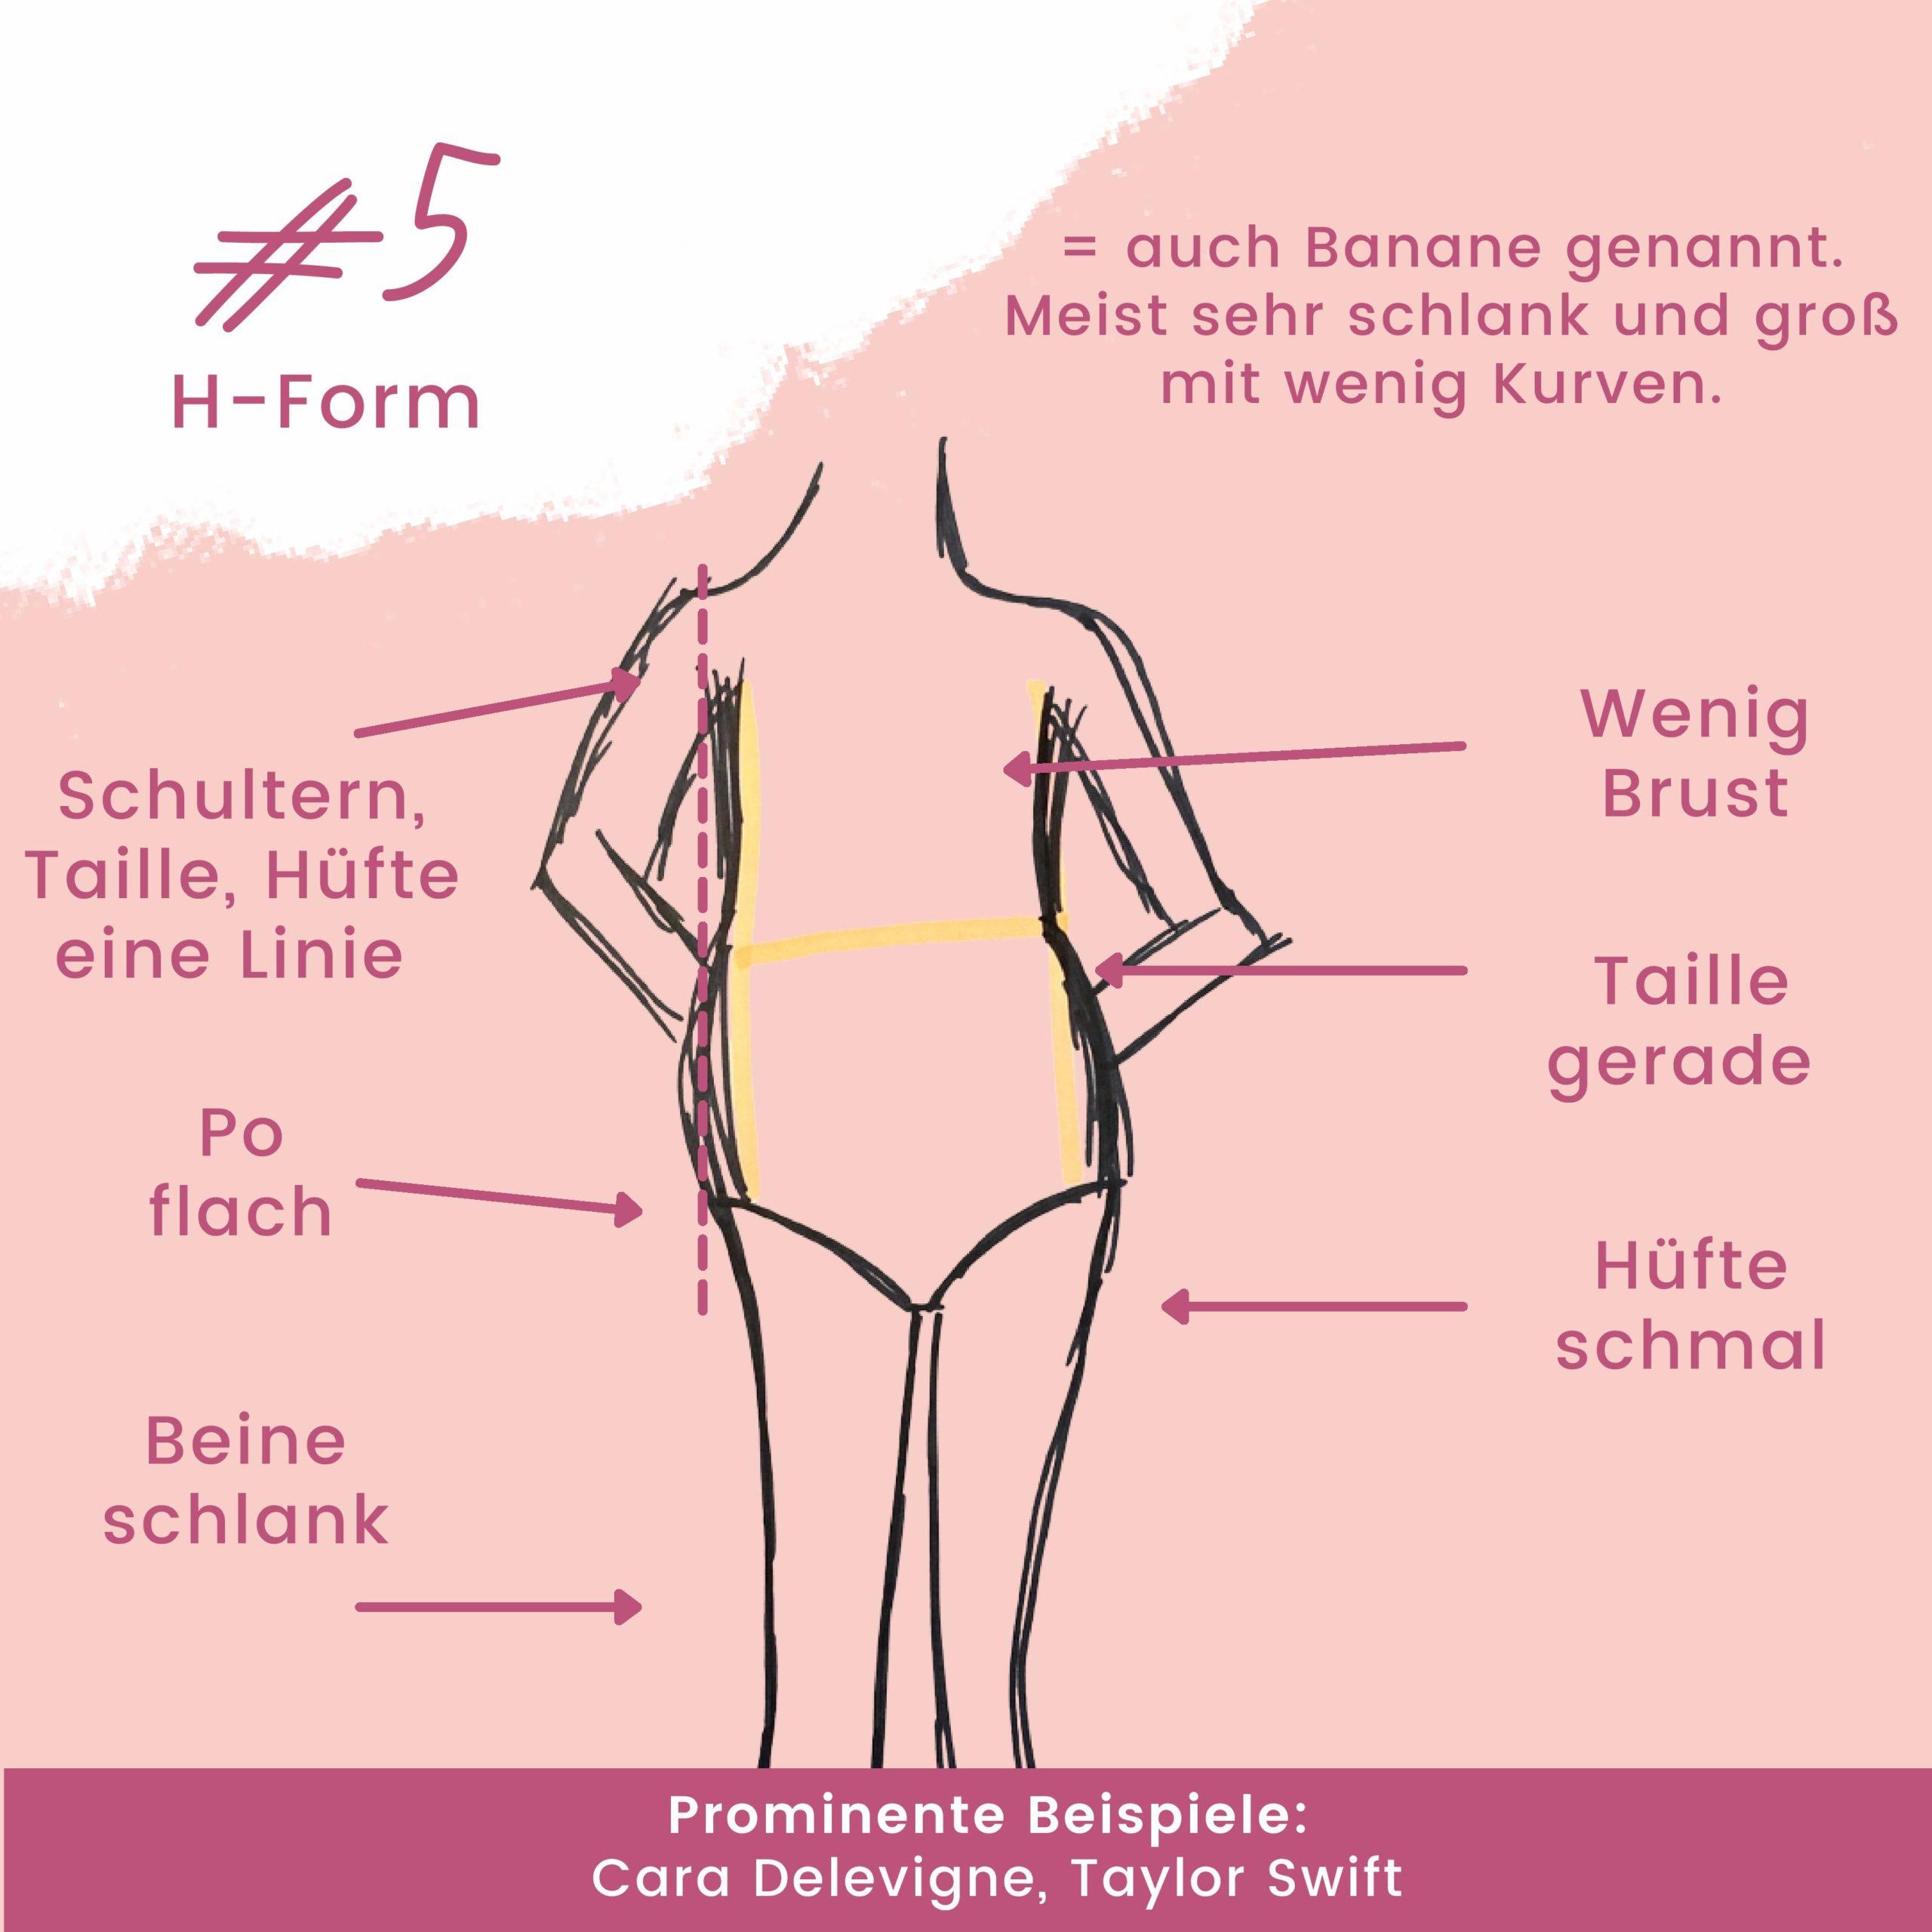 Hier sollte der Figurtyp H-Form abgebildet sein